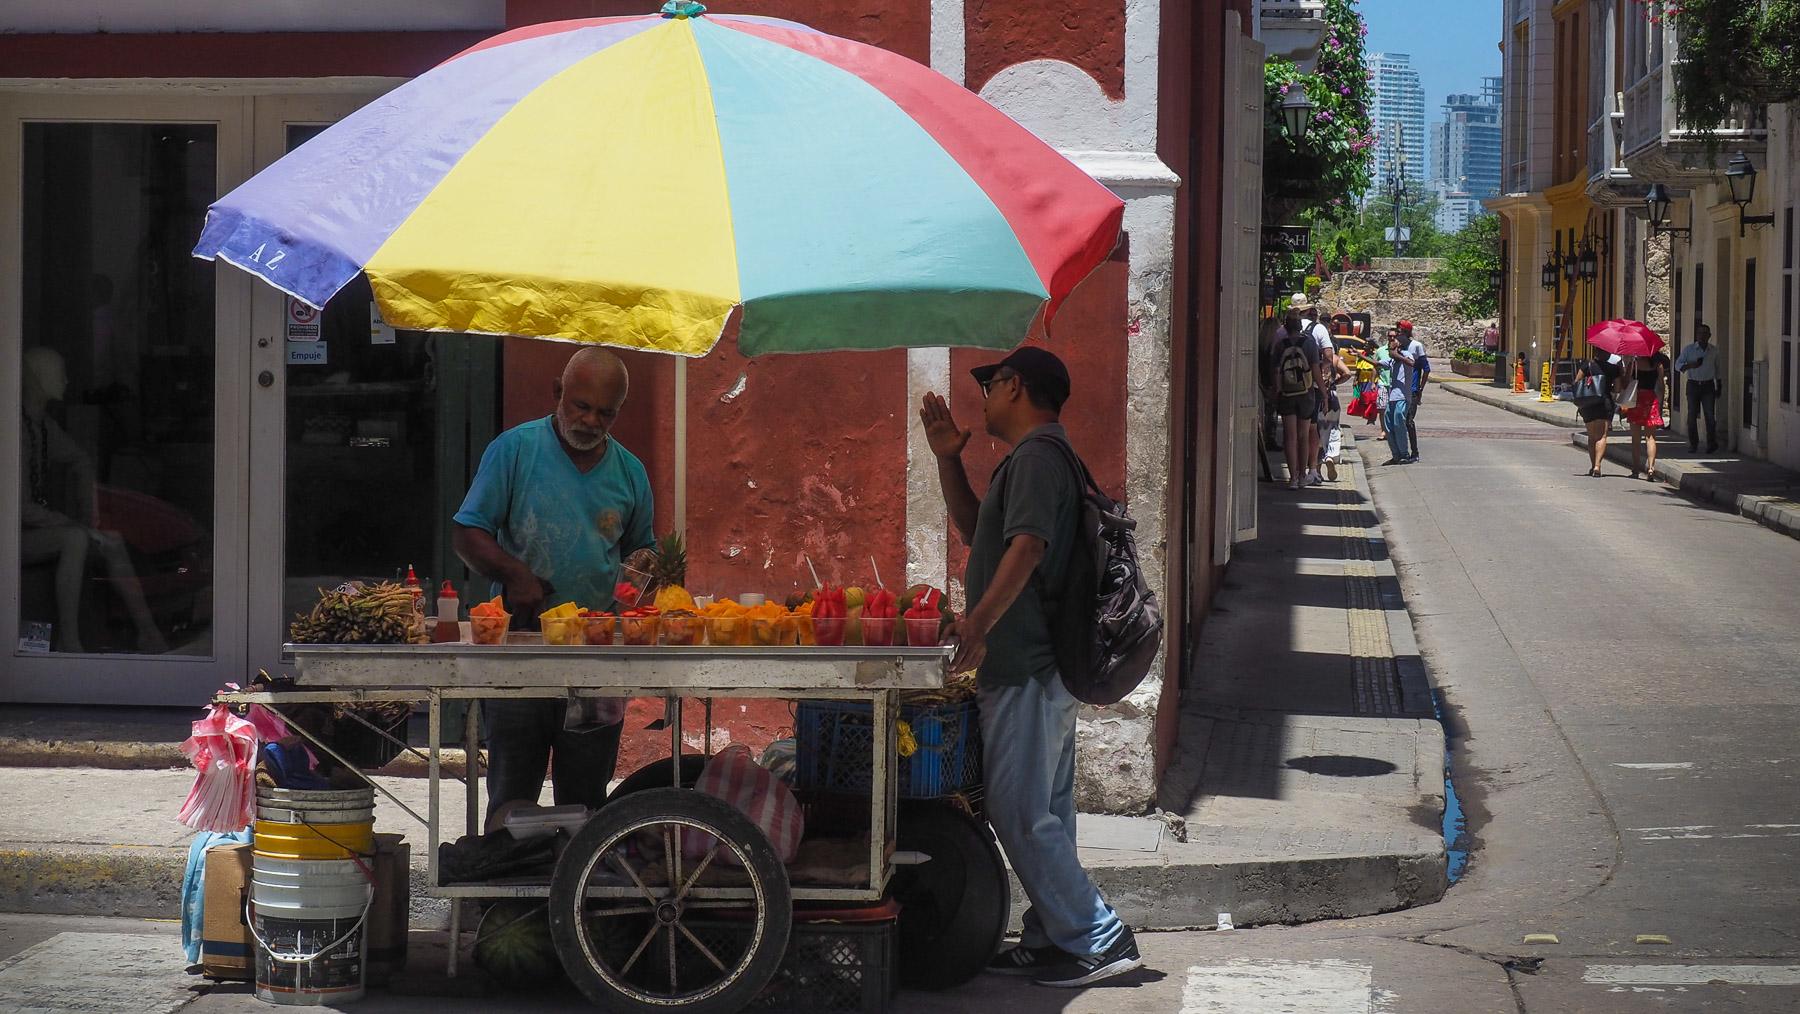 Und immer wieder Obstverkäufer – sehr leckere Mangos, Melonen, Papayas, etc.